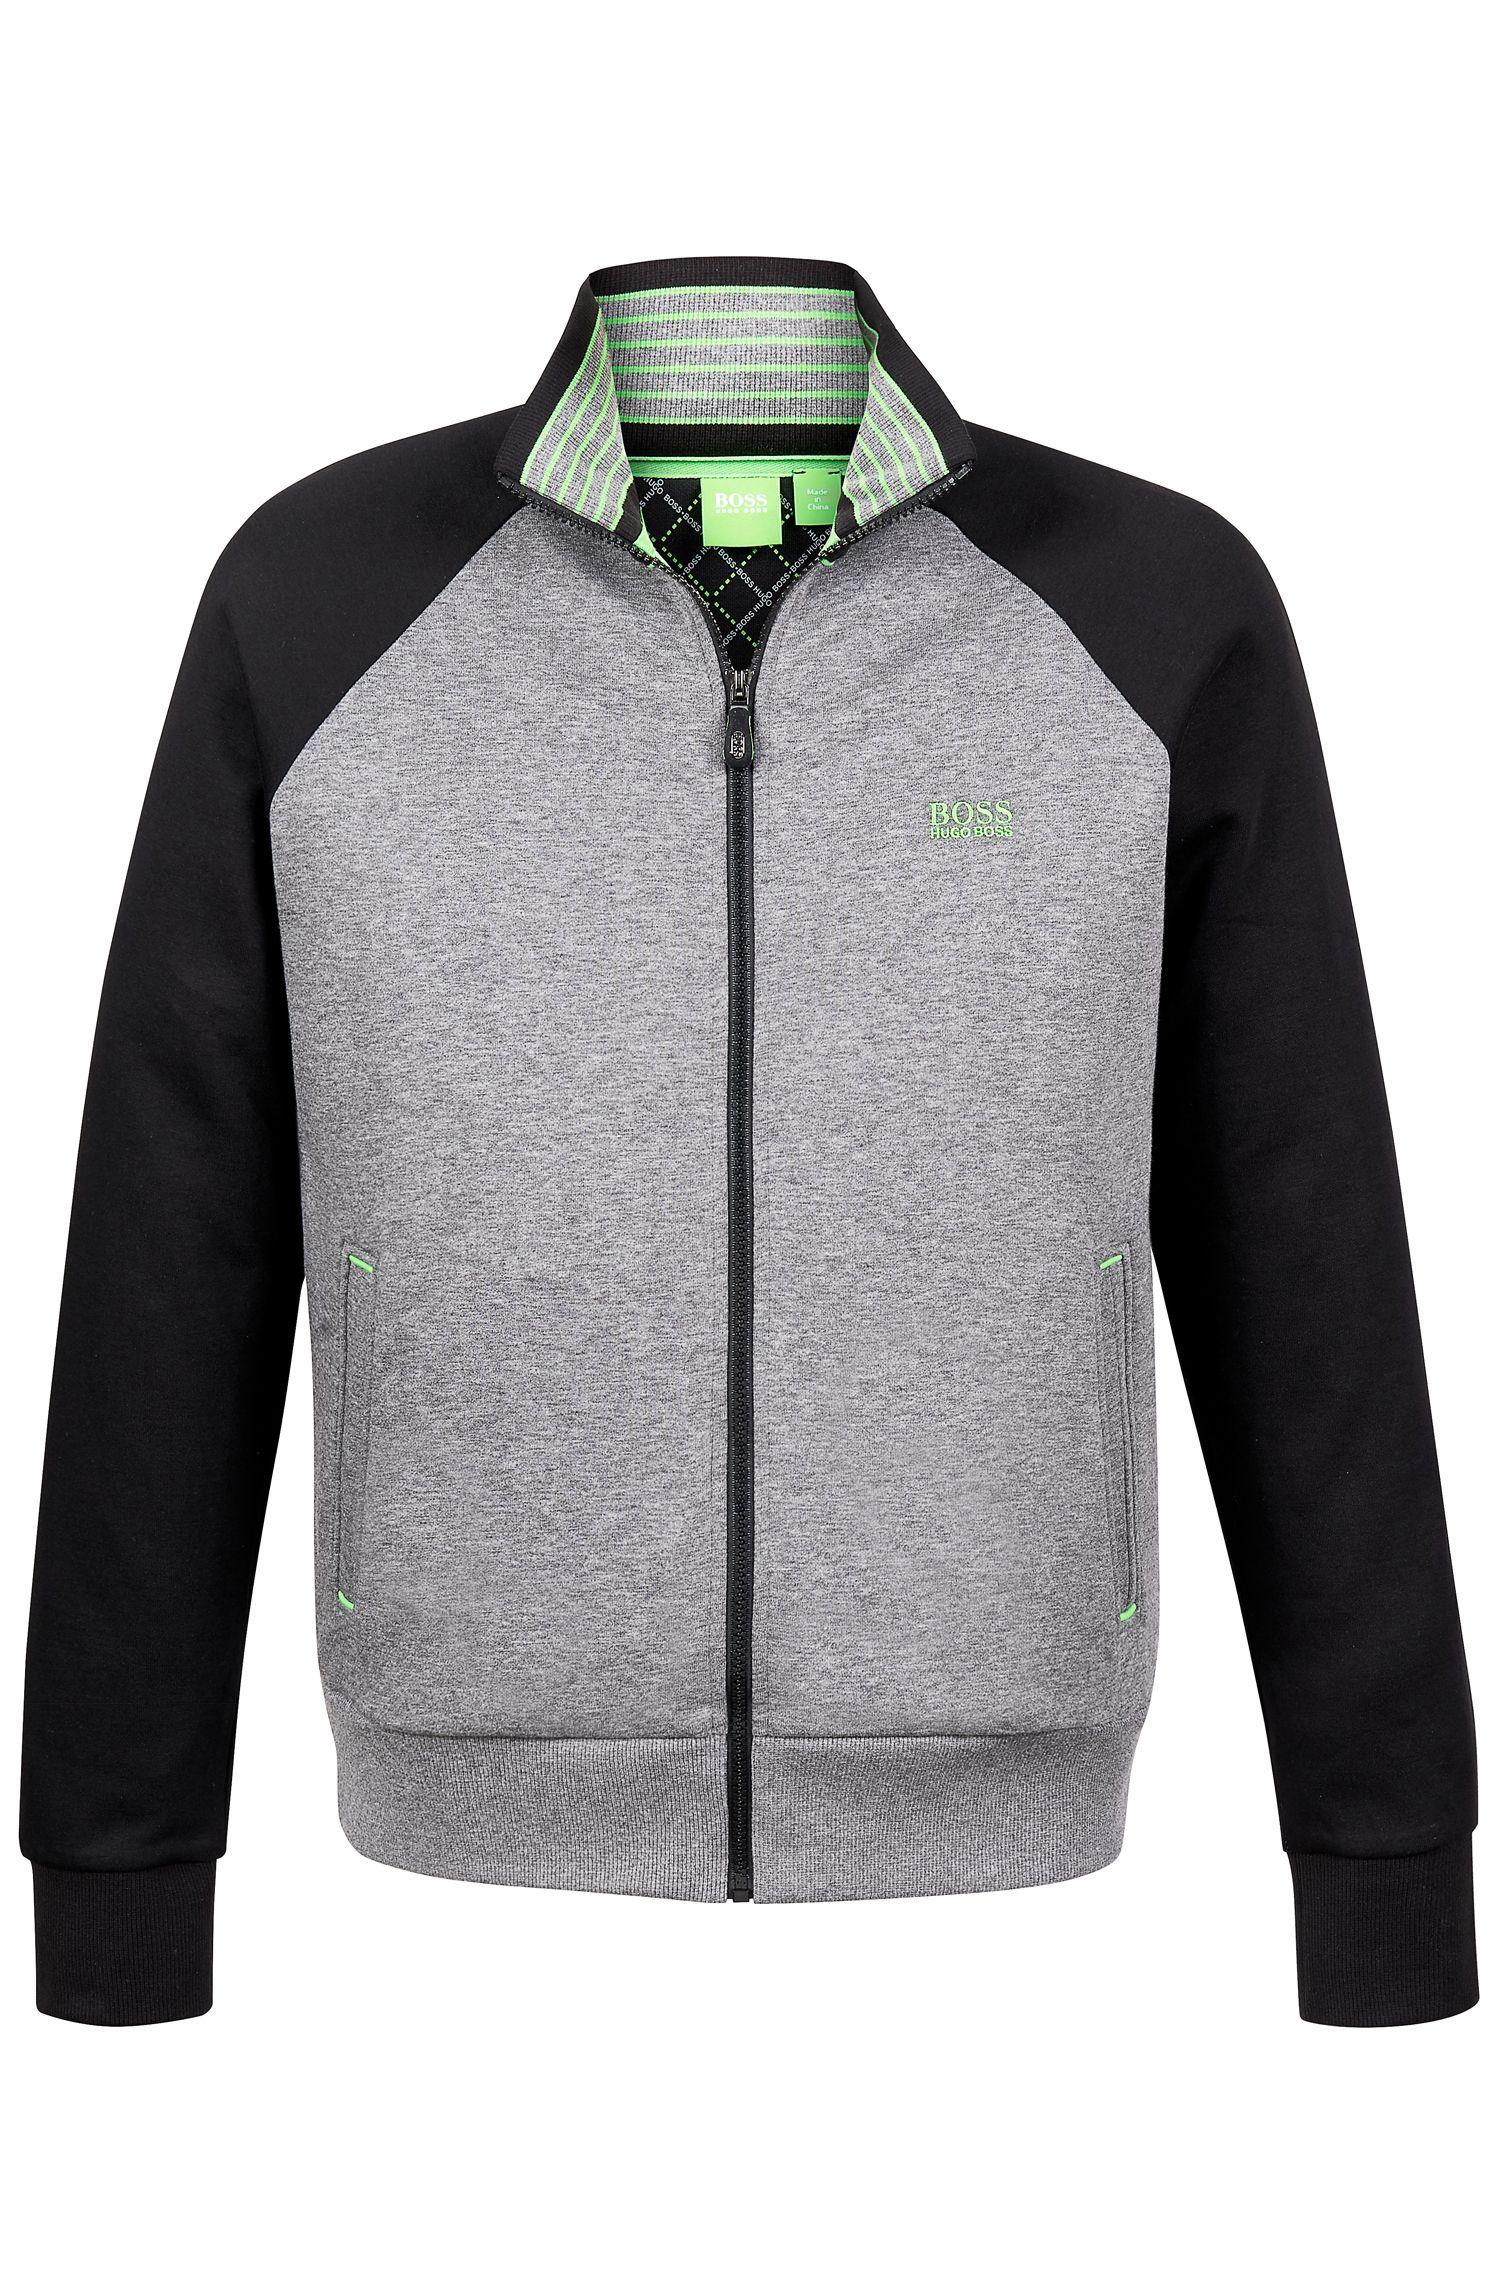 'Skoz US' | Cotton Blend Terry Zip-Up Sweatshirt